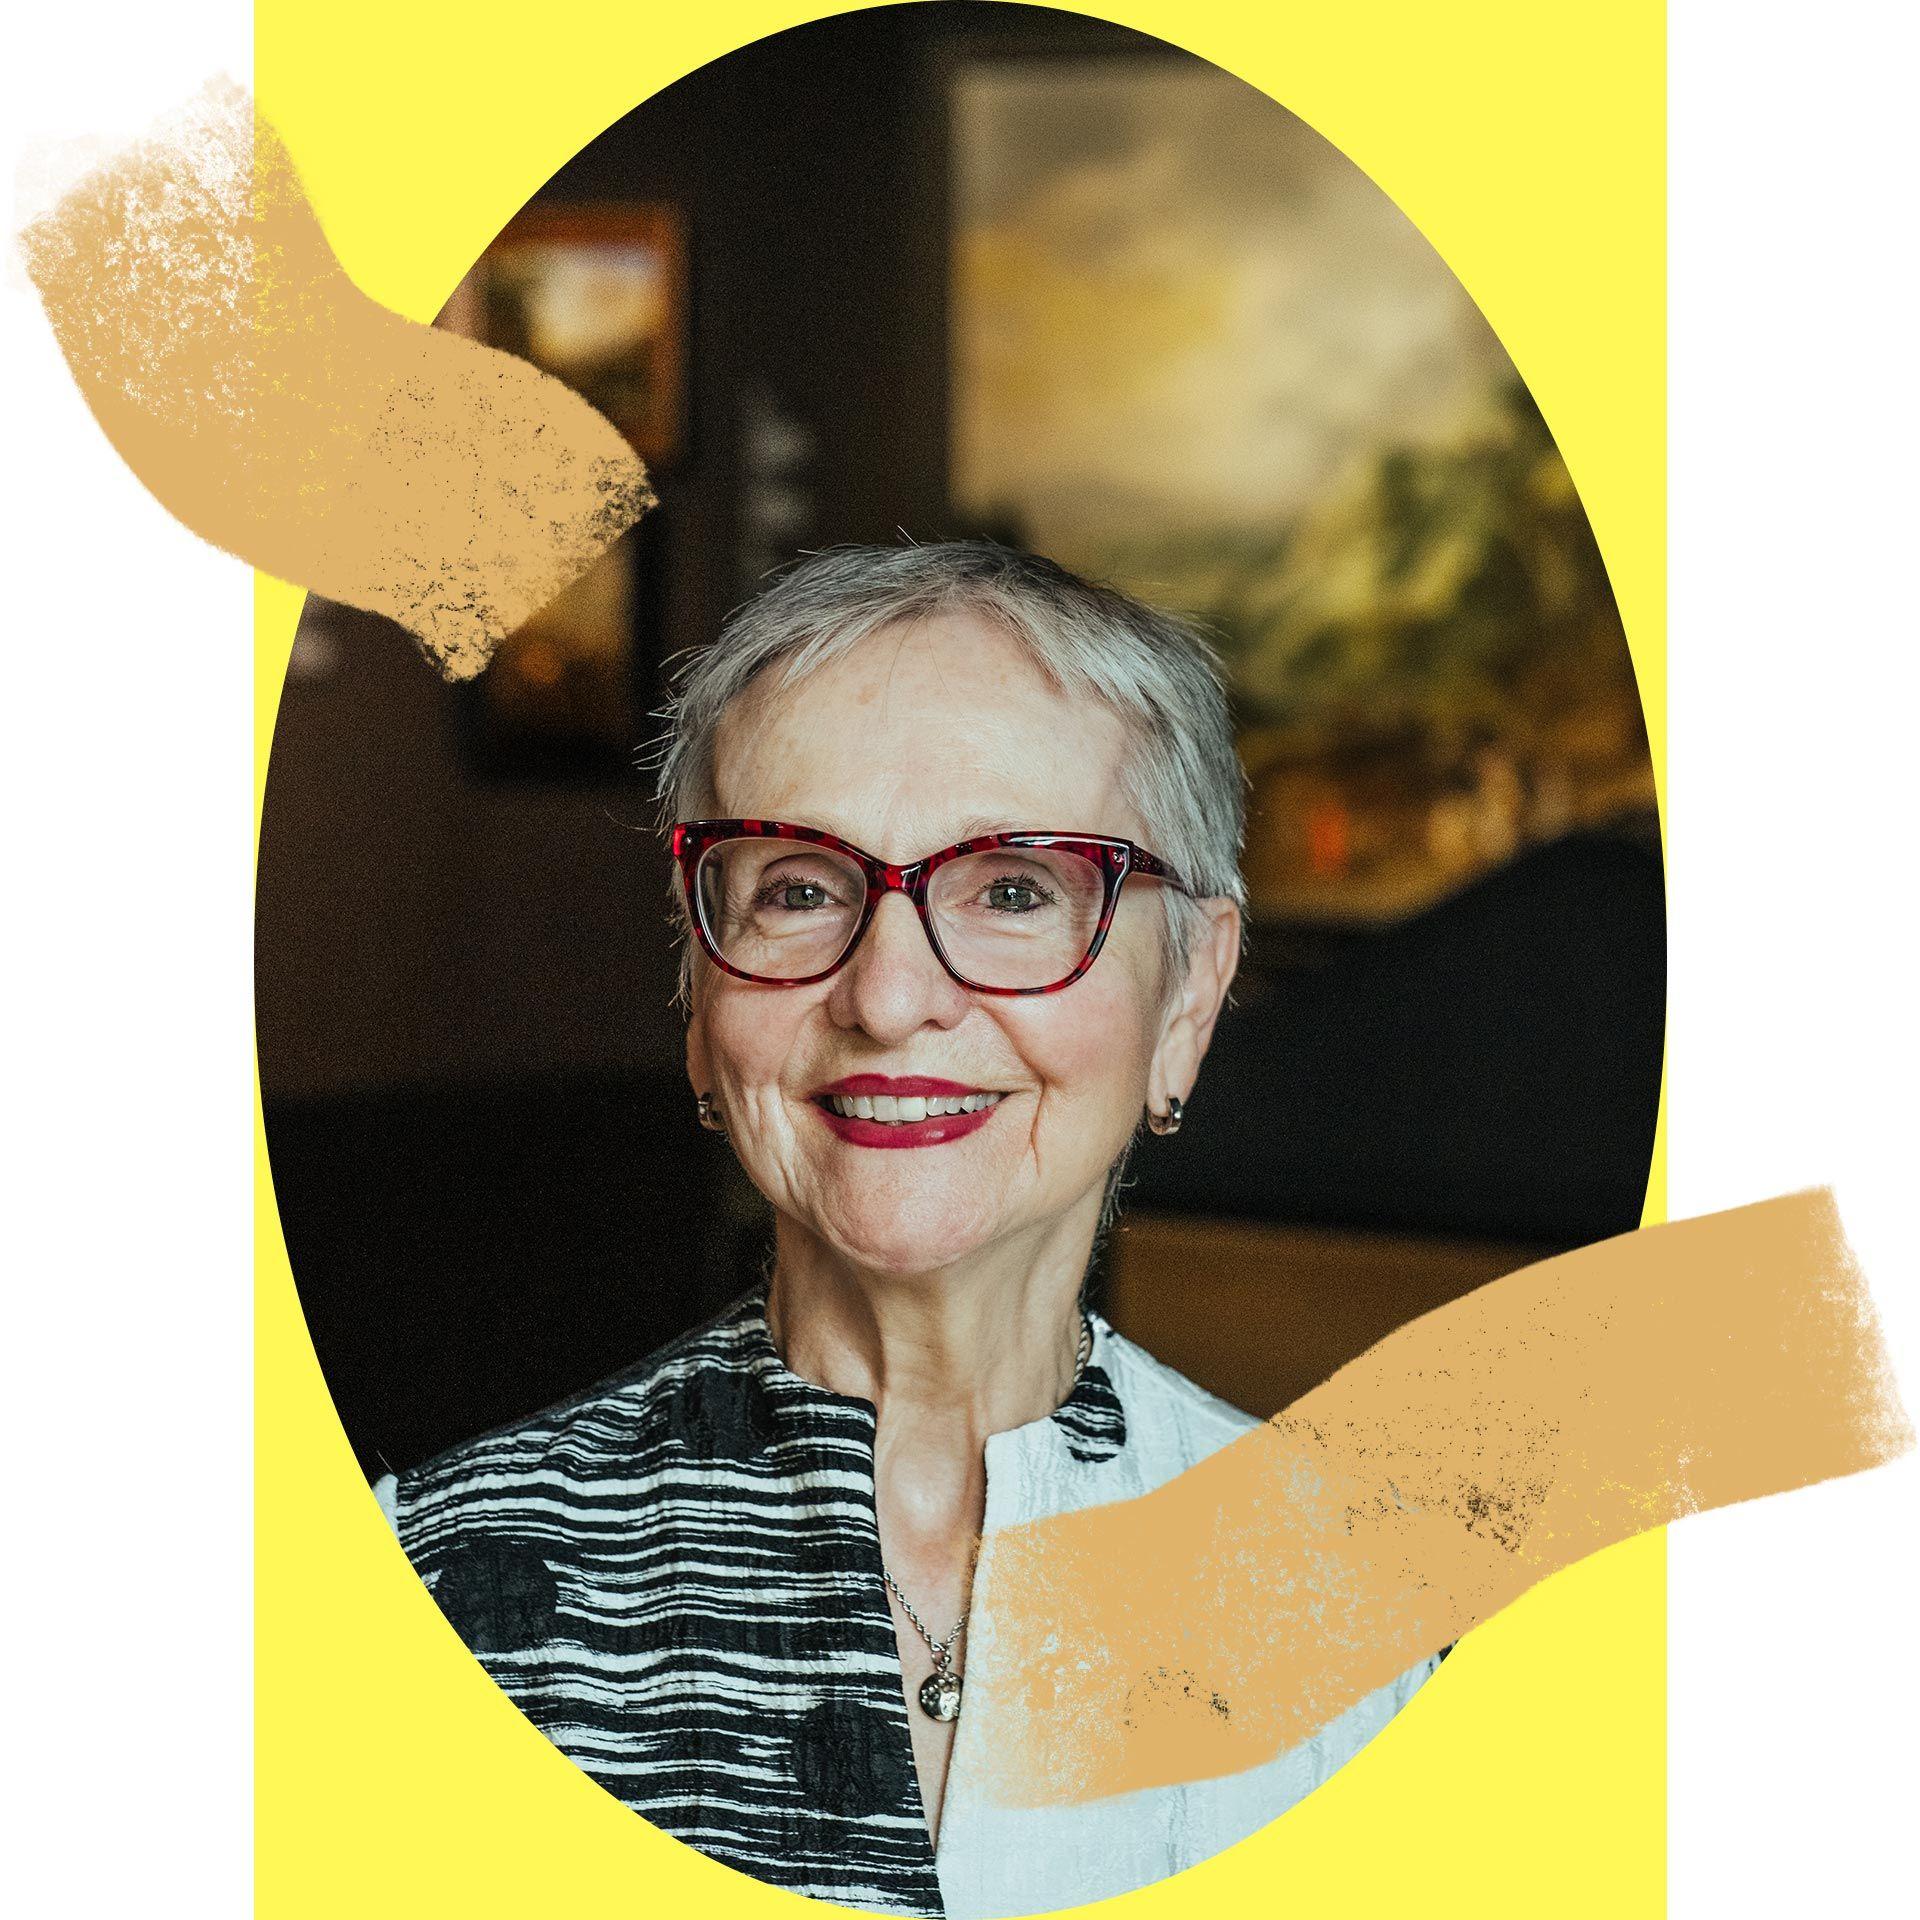 Marie-Michèle Vaillancourt, donatrice à la Fondation du Musée des beaux-arts de Montréal depuis 2017 et guide-bénévole depuis 2016.